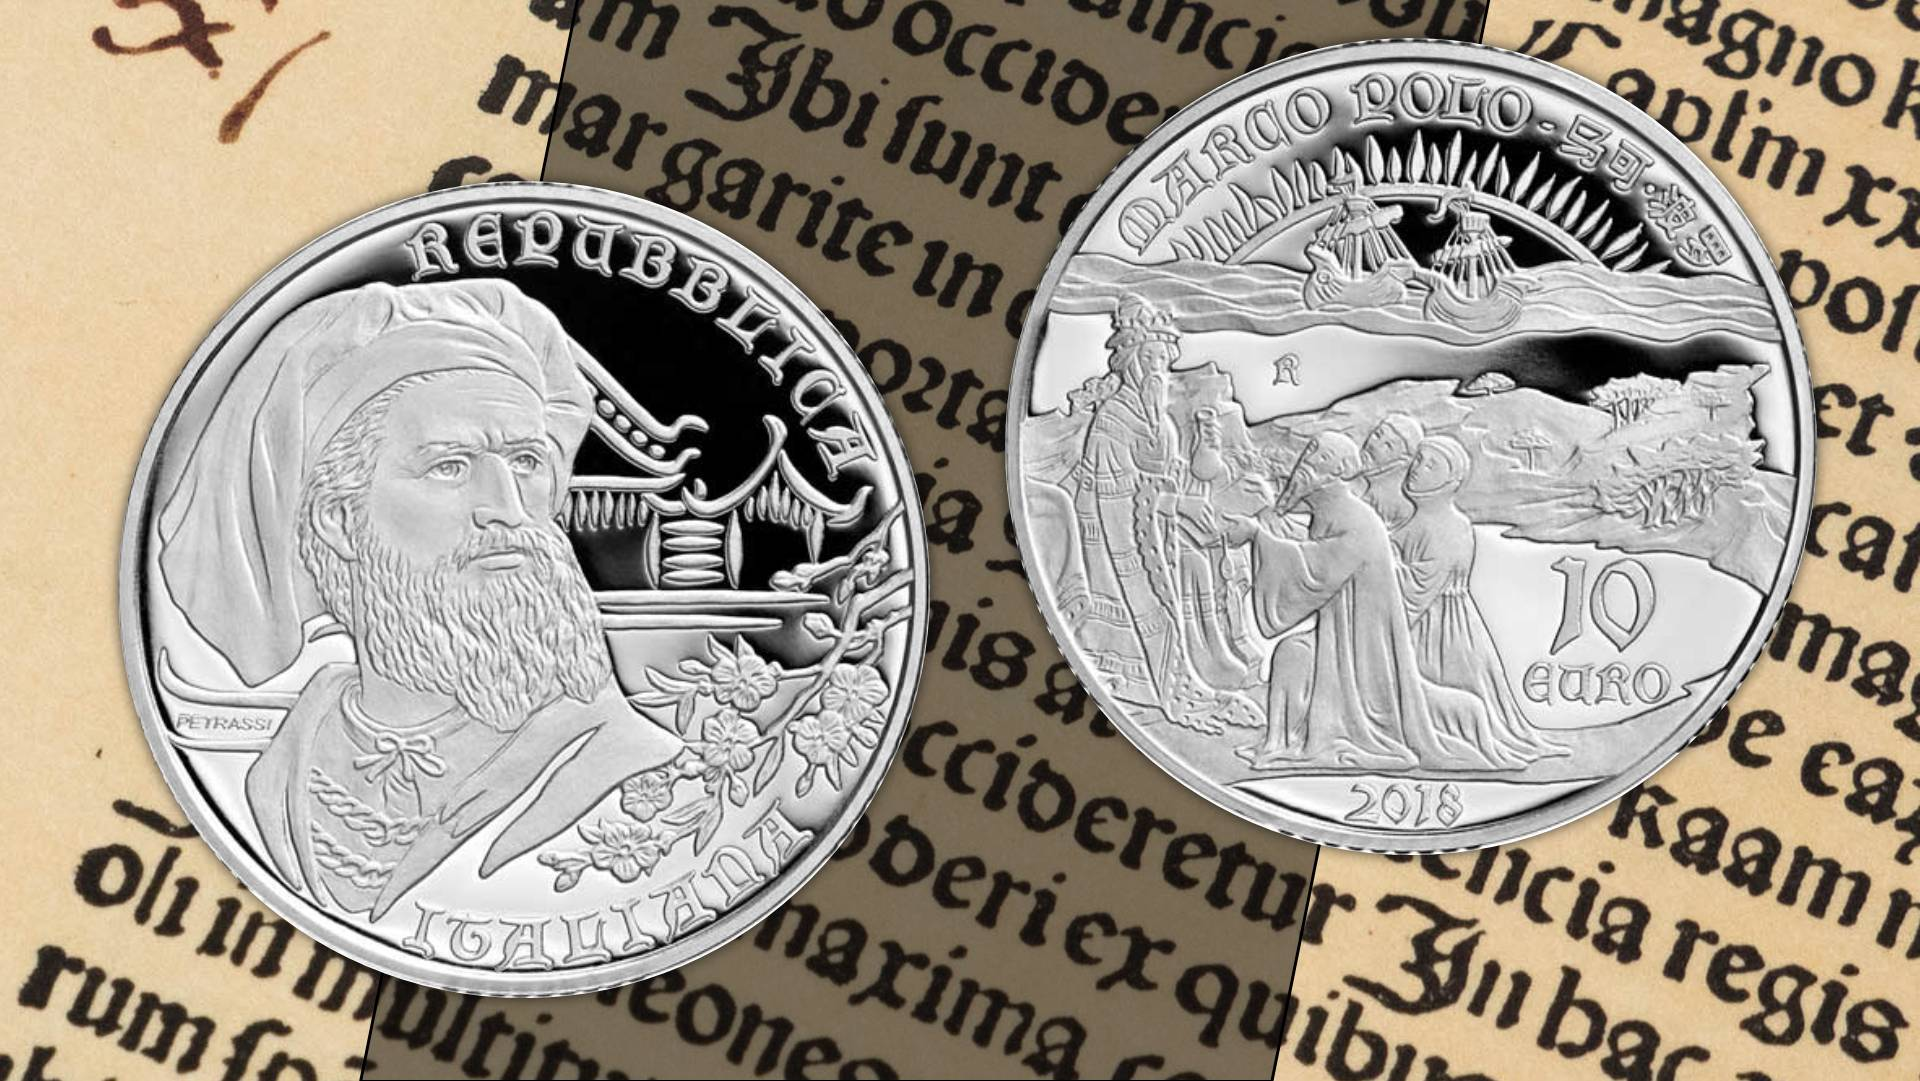 dd9f65e058 Marco Polo all'esplorazione di una nuova rotta numismatica